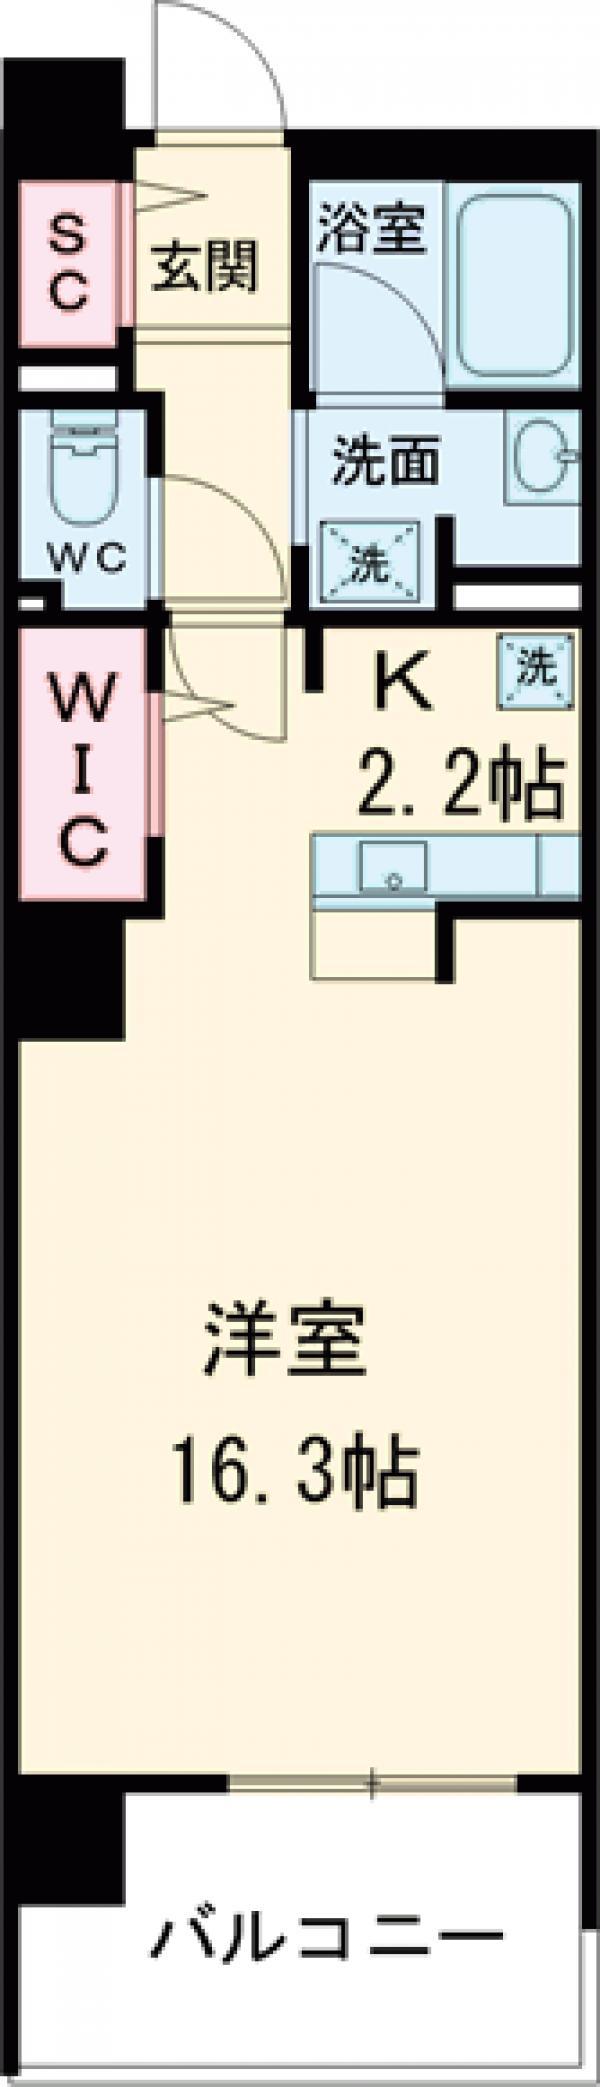 ロイヤルパークス花小金井・1011号室の間取り